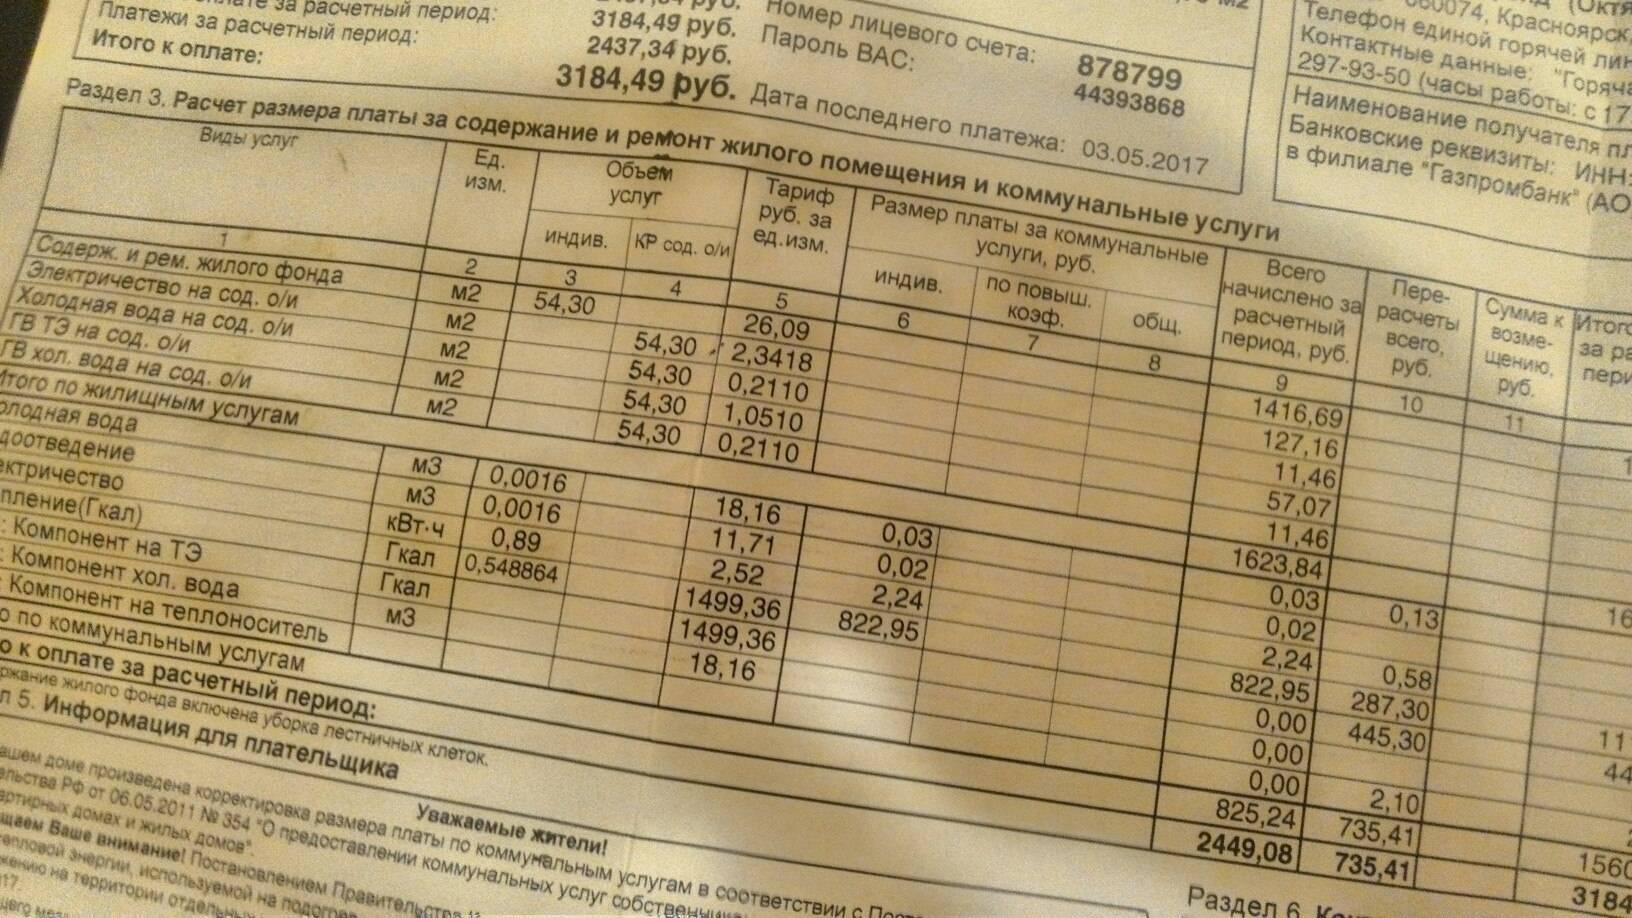 Как расшифровать квитанцию за коммунальные услуги. сокращения в квитанции жкх.